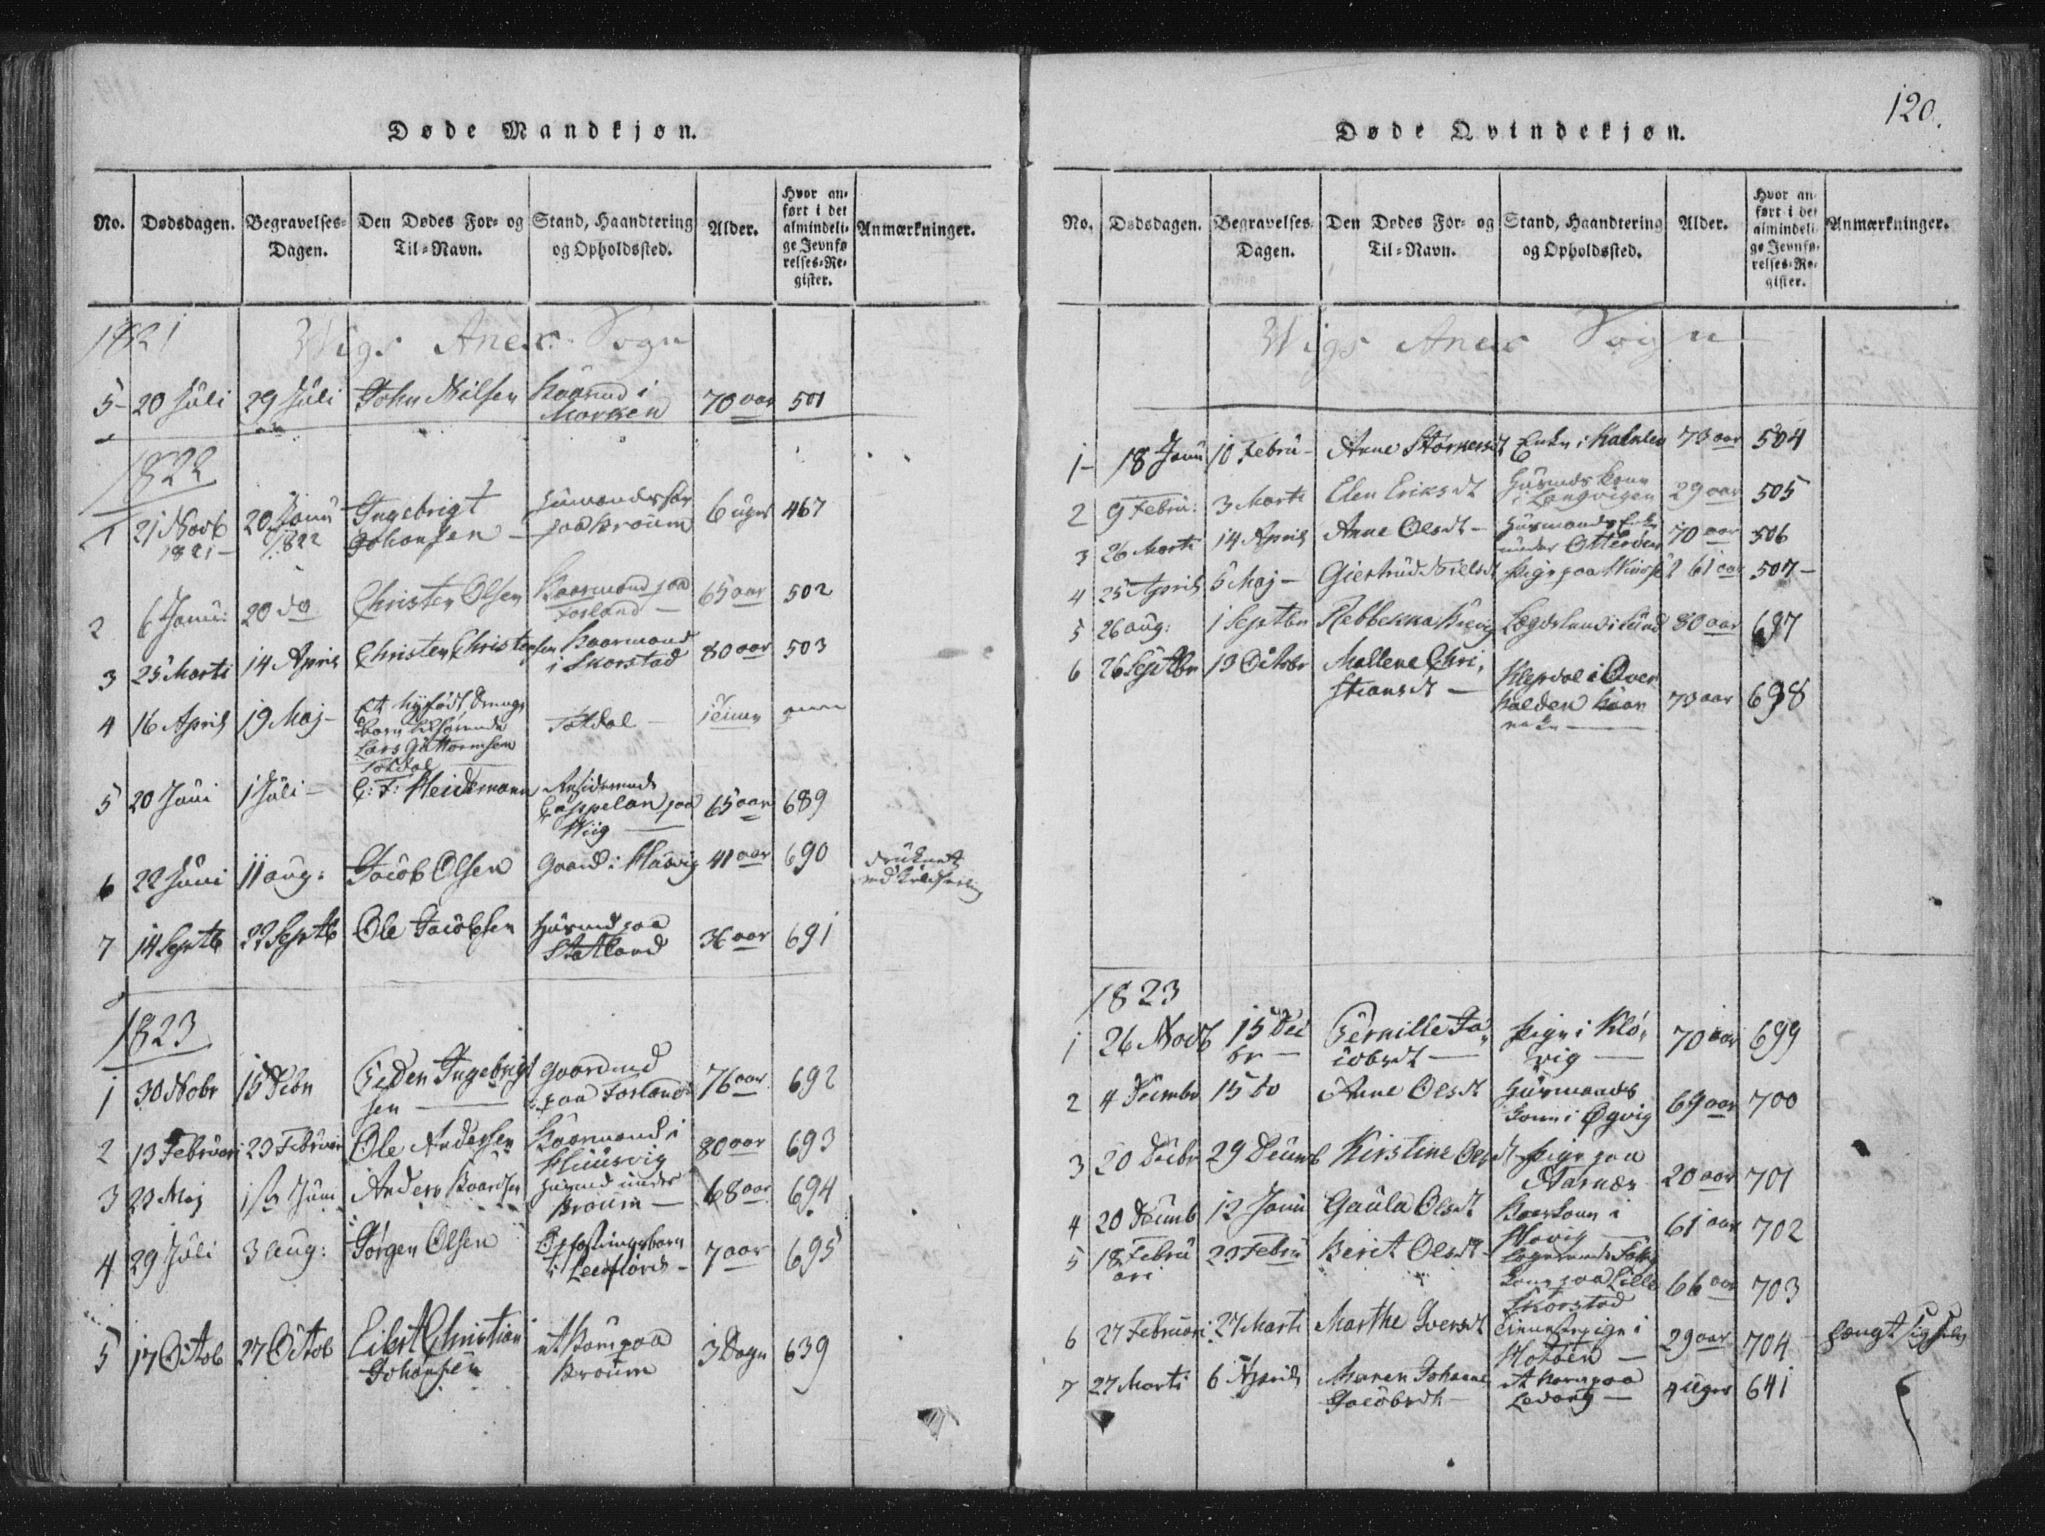 SAT, Ministerialprotokoller, klokkerbøker og fødselsregistre - Nord-Trøndelag, 773/L0609: Ministerialbok nr. 773A03 /2, 1815-1830, s. 120